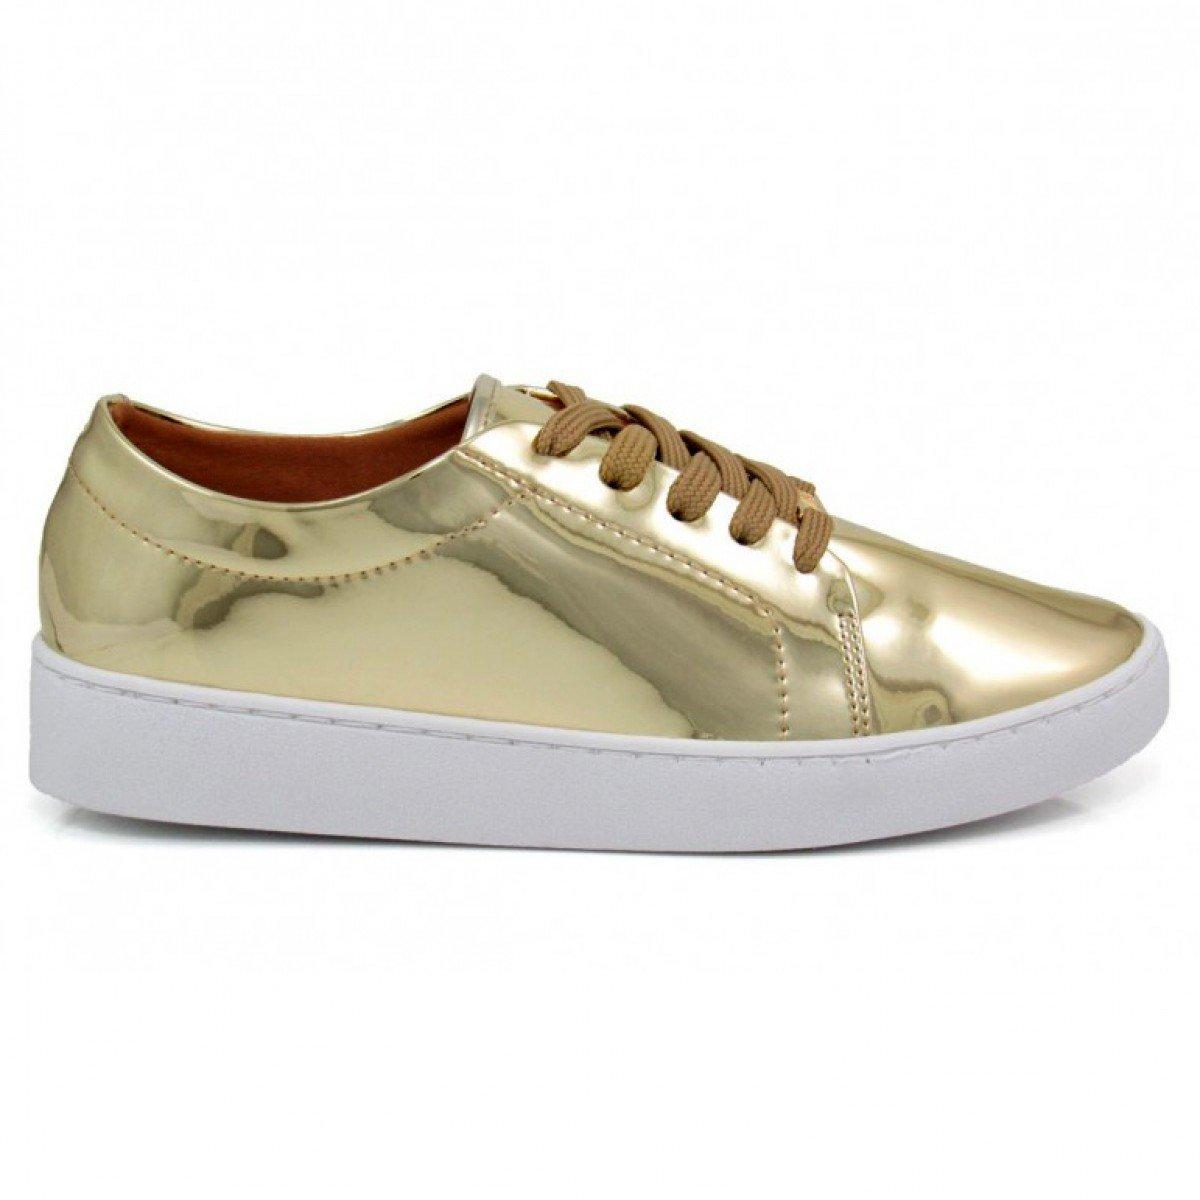 91630d6fcb3 Tênis Feminino Vizzano Metalizado Dourado - Compre Agora